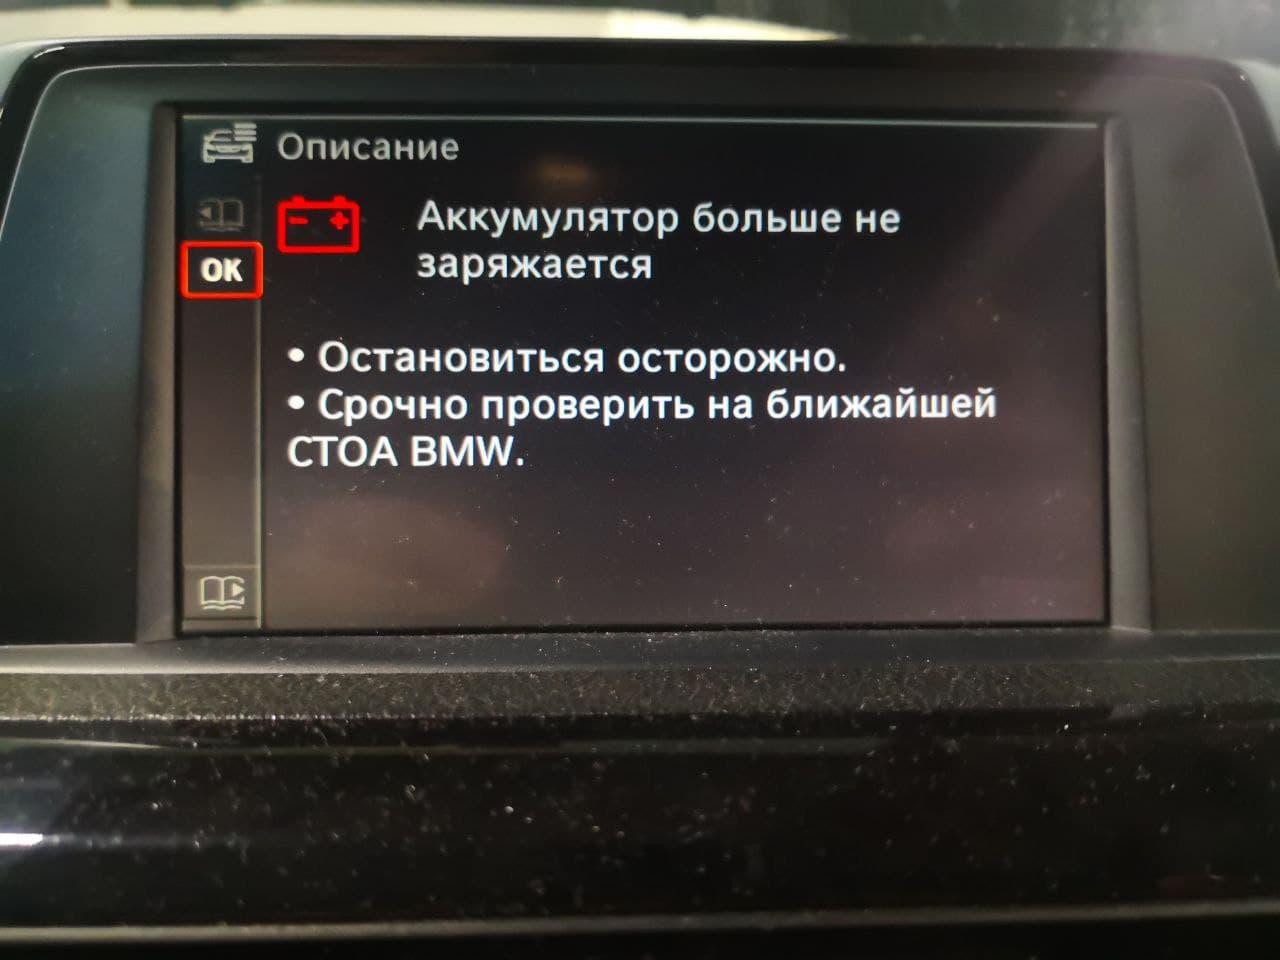 BMW, ошибка, аккумулятор больше не заряжается